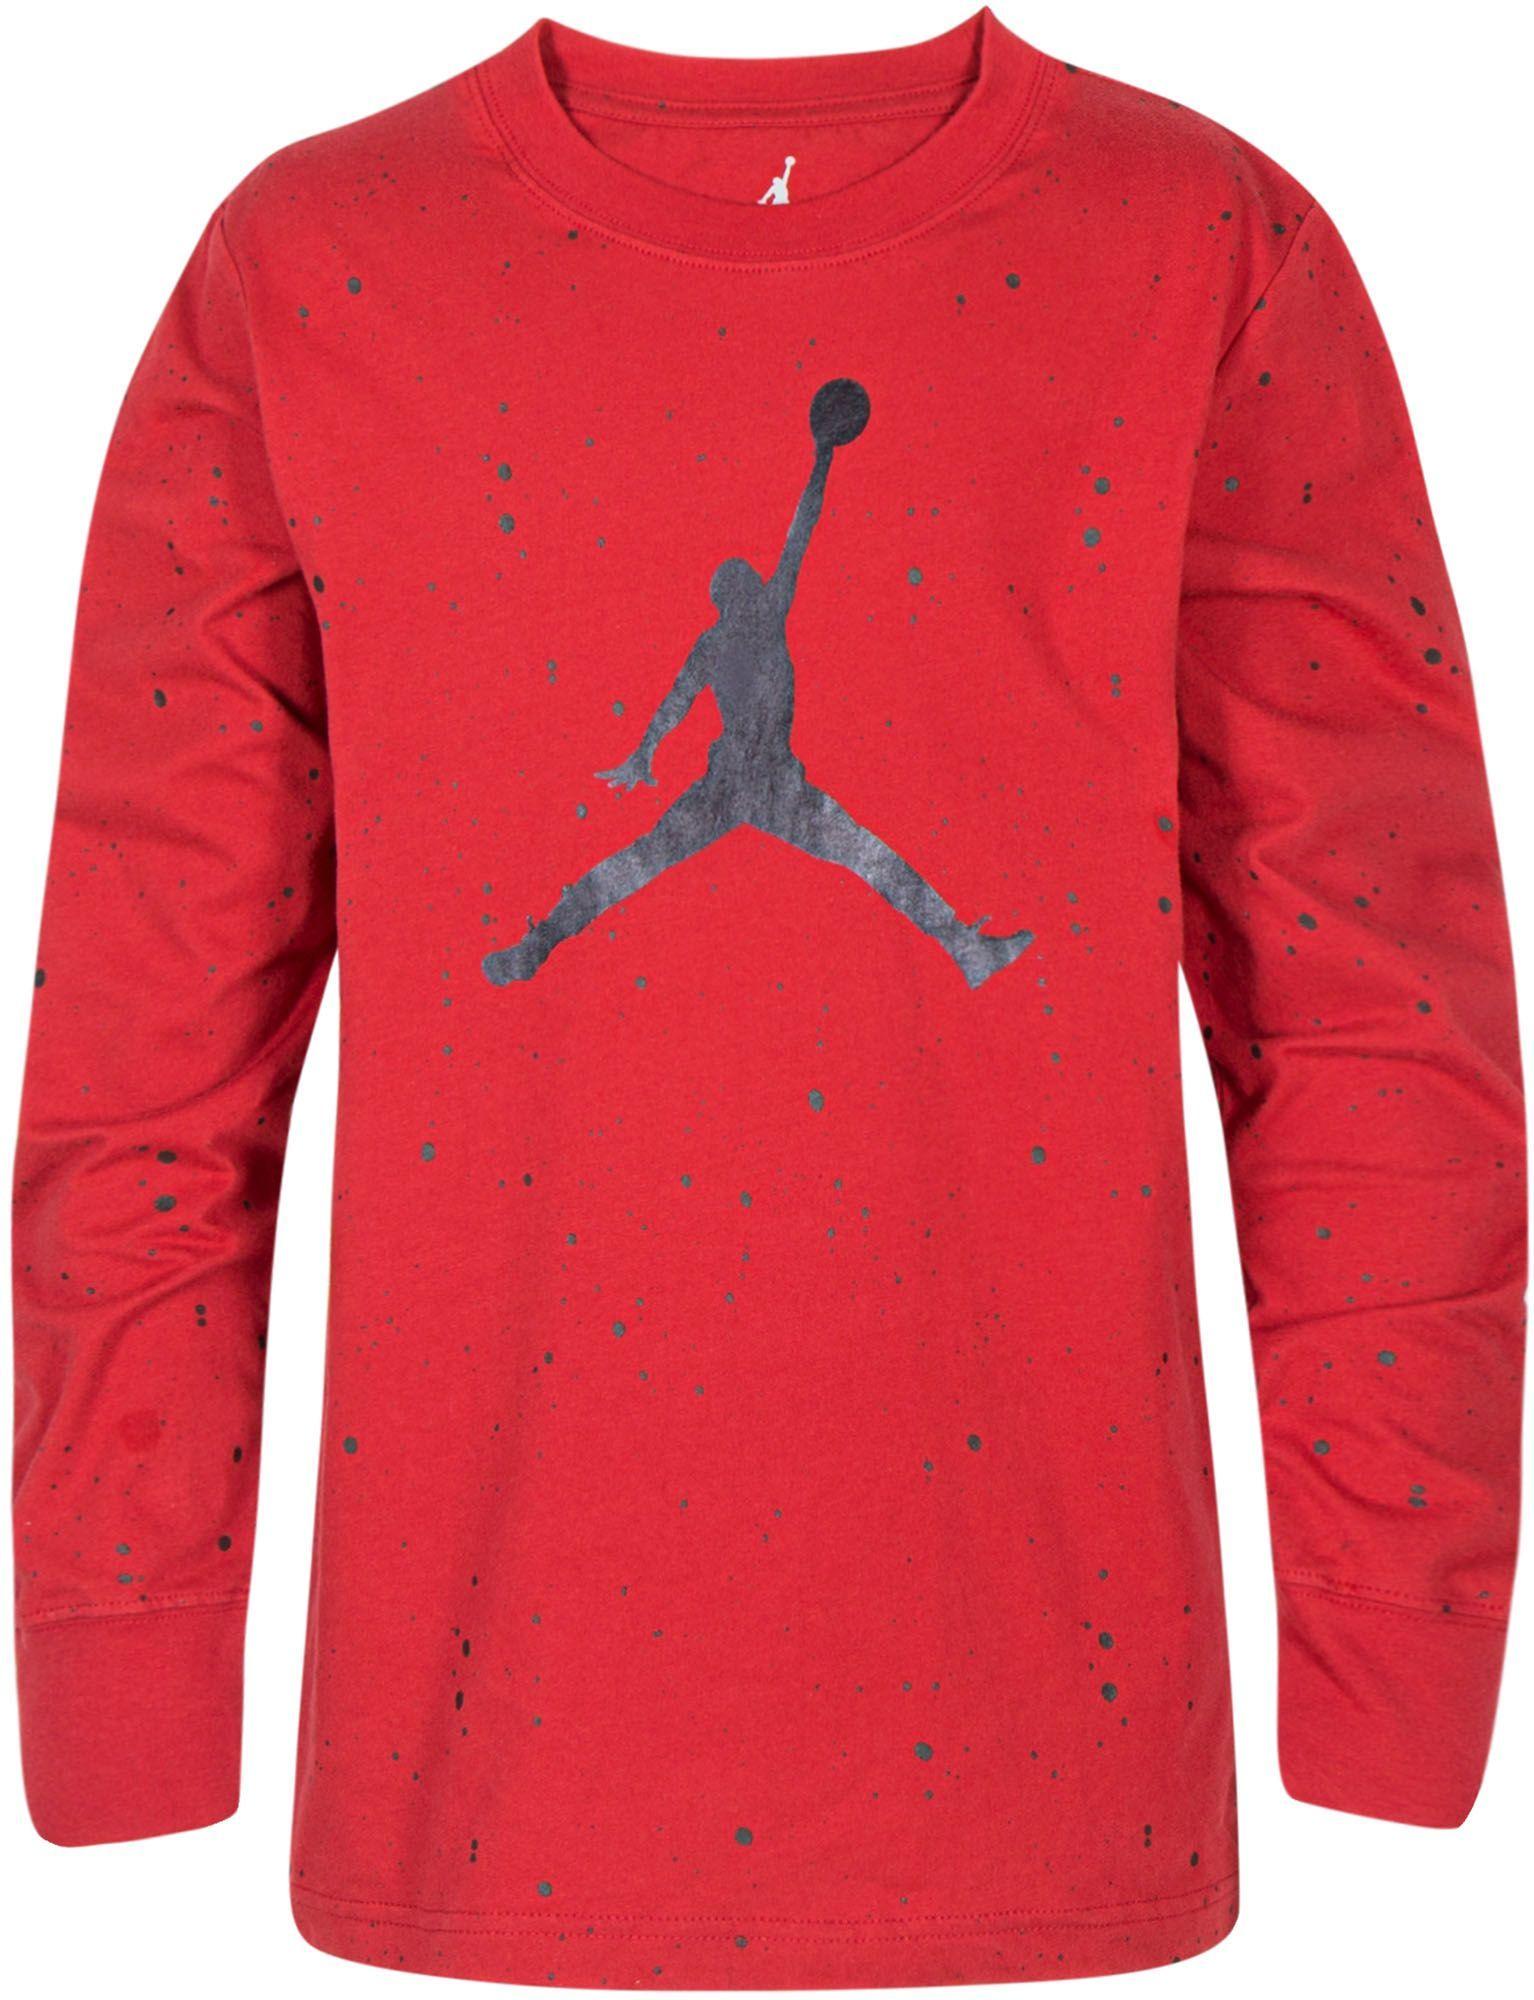 79a9d9e1e9b0ce Jordan Boys  Speckle Long Sleeve Shirt